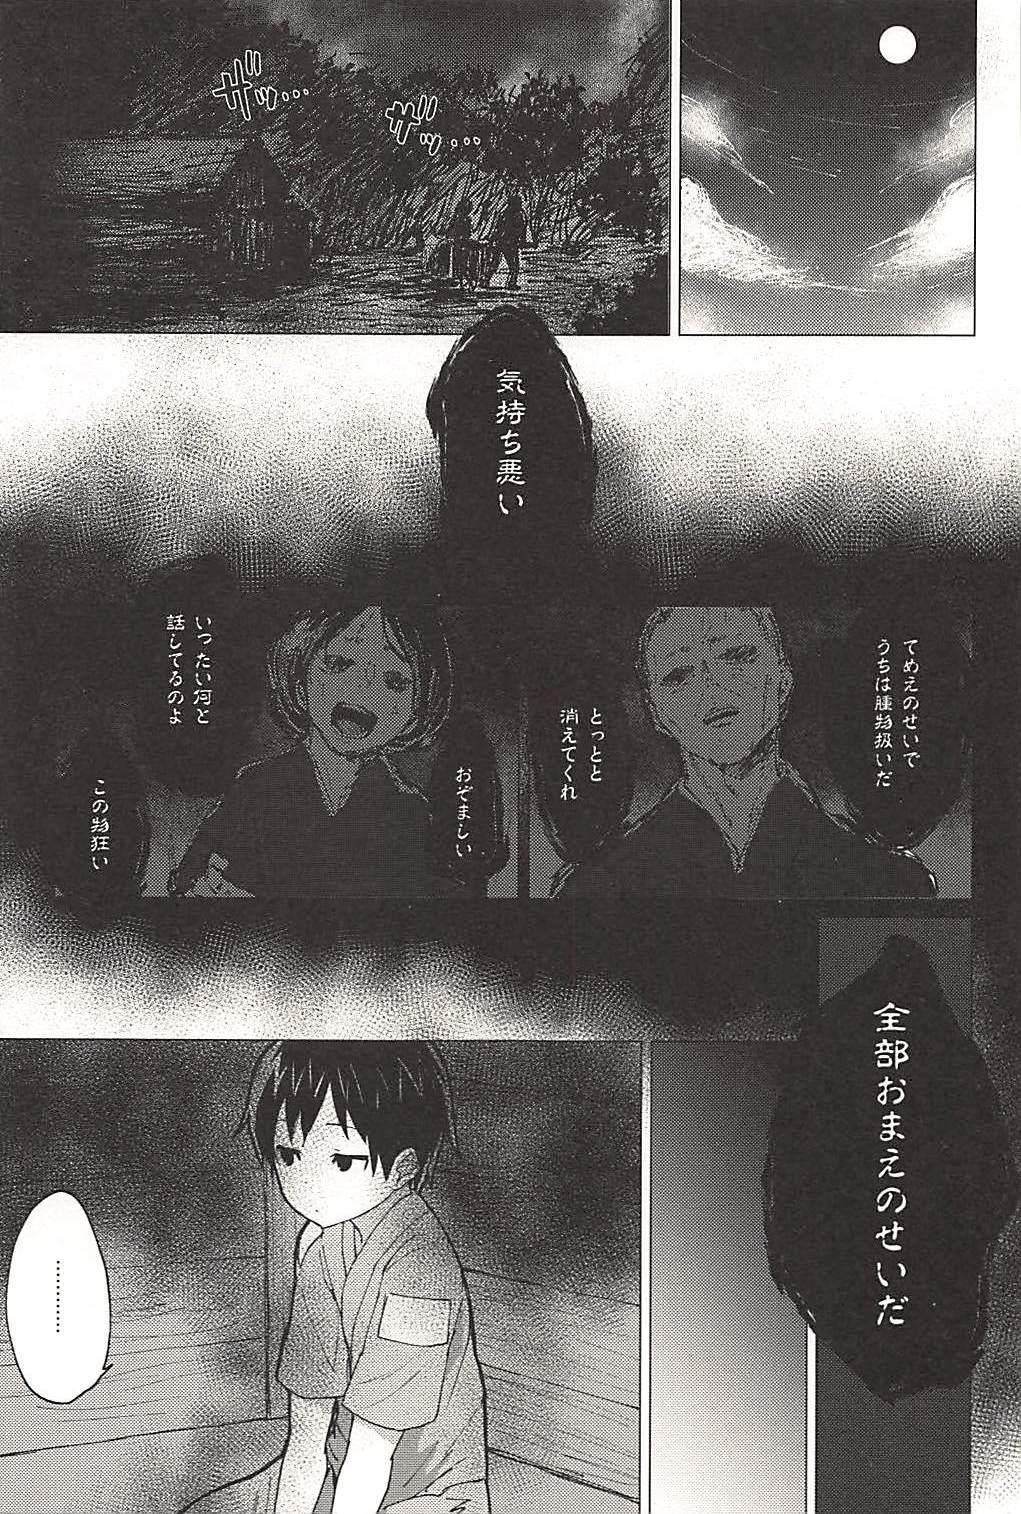 Shion Onee-chan to Kazoku ni Naru Hon 1